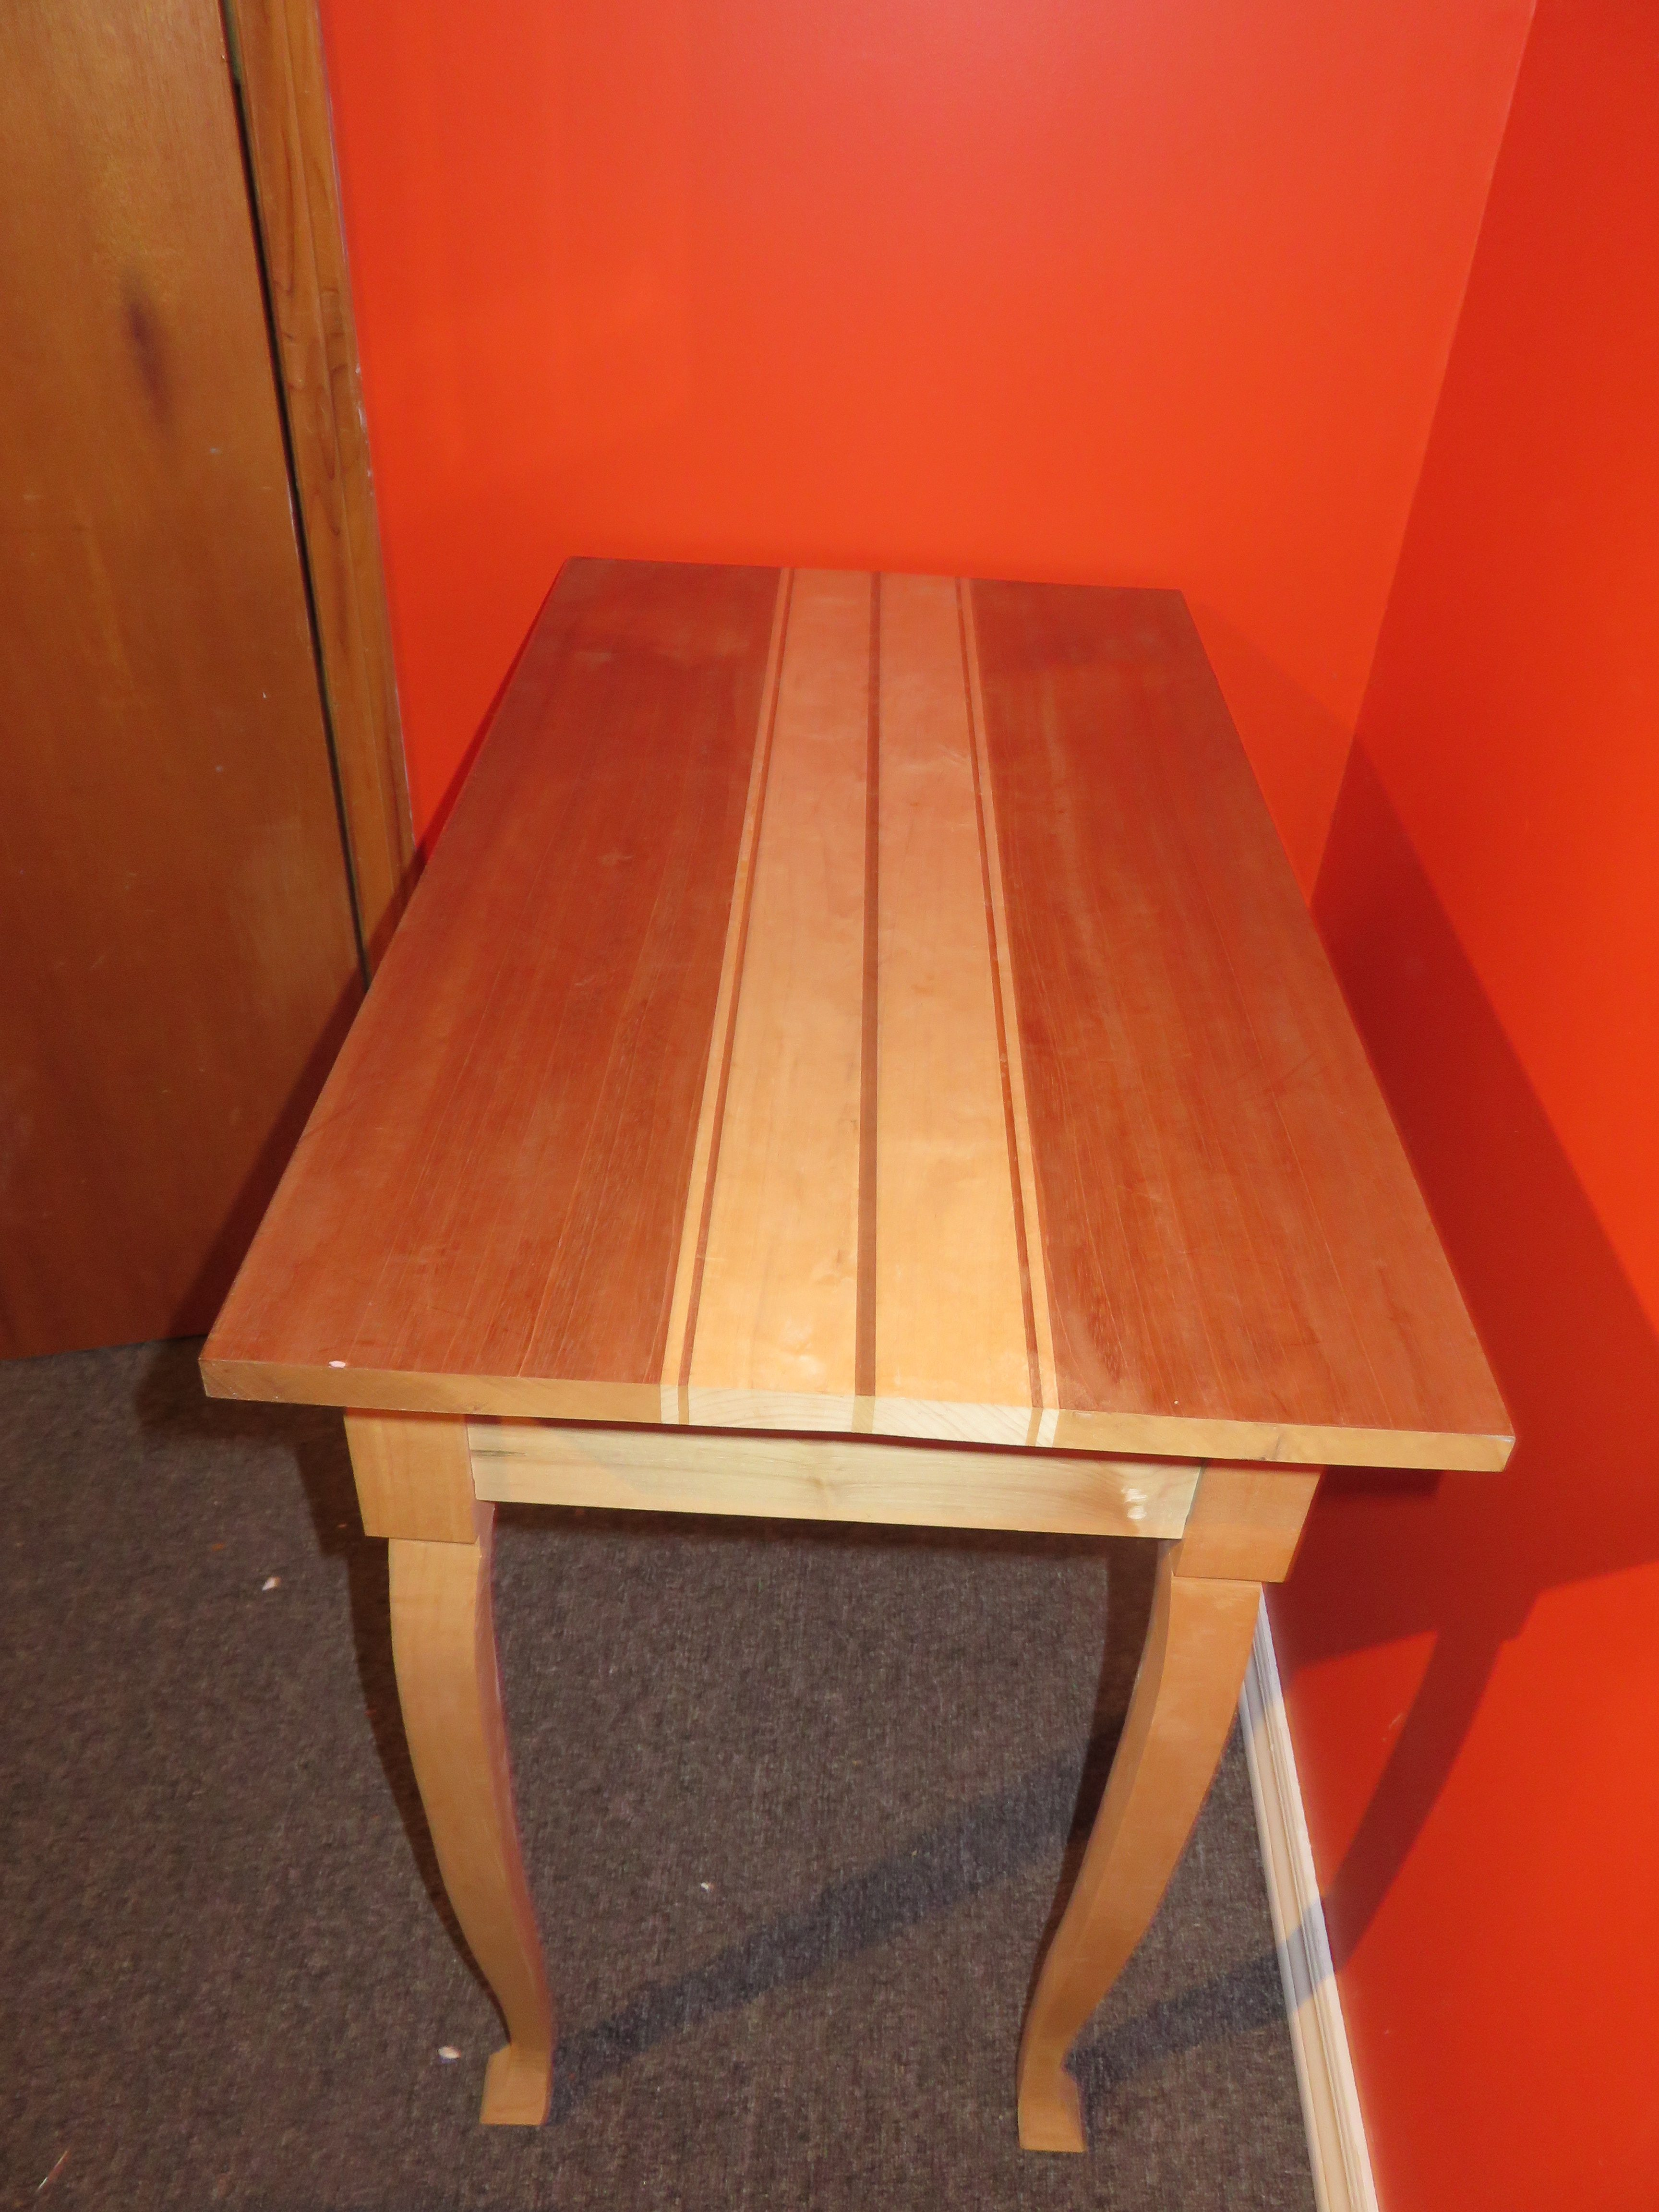 Work in Progress: Side Table